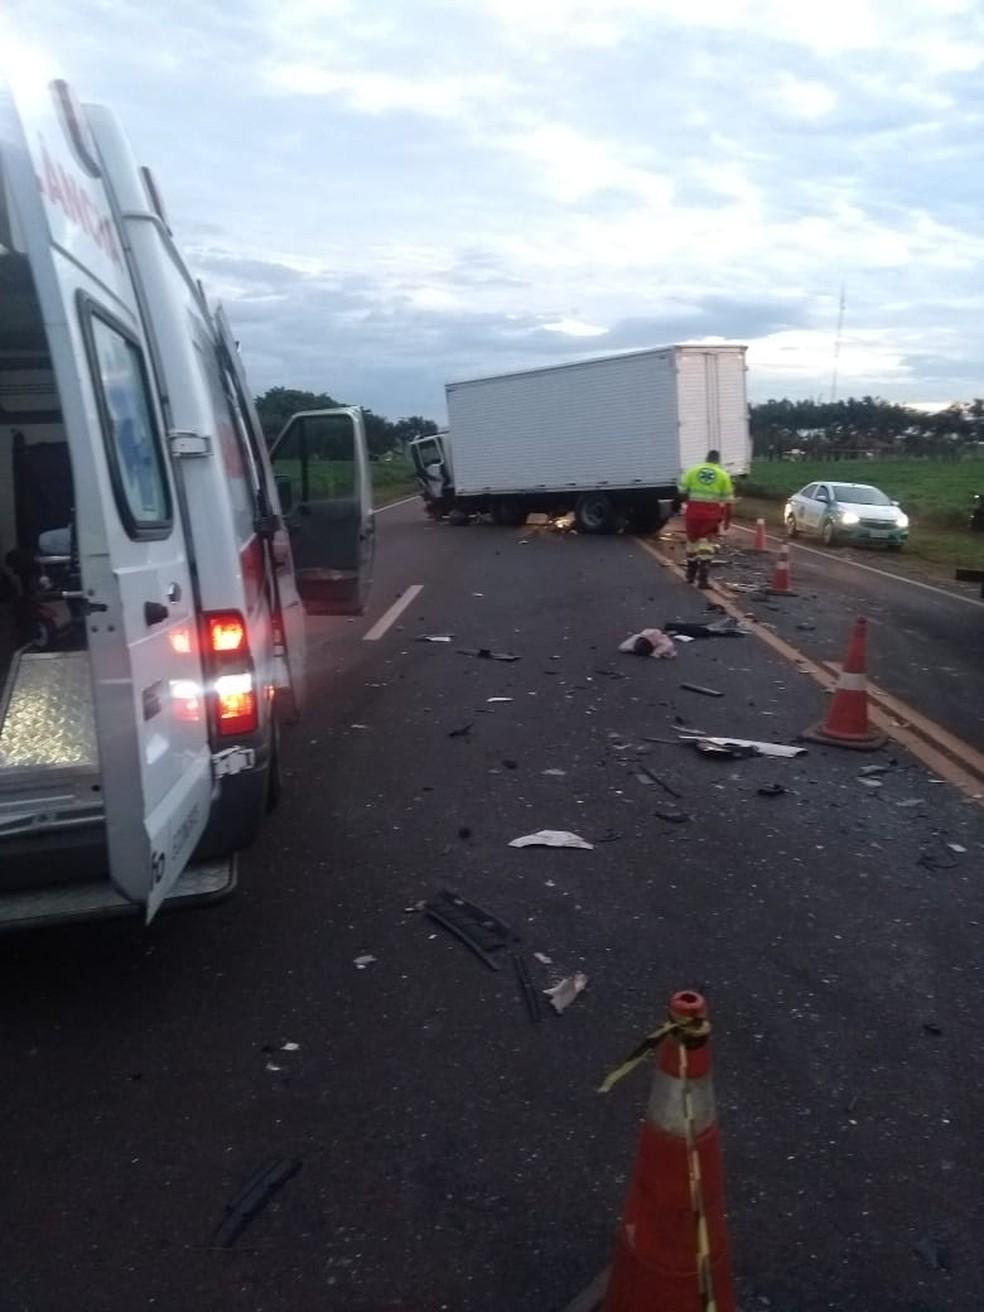 Motorista morreu no local do acidente, segundo PRE. — Foto: Imagens cedidas/Reginaldo Tinti